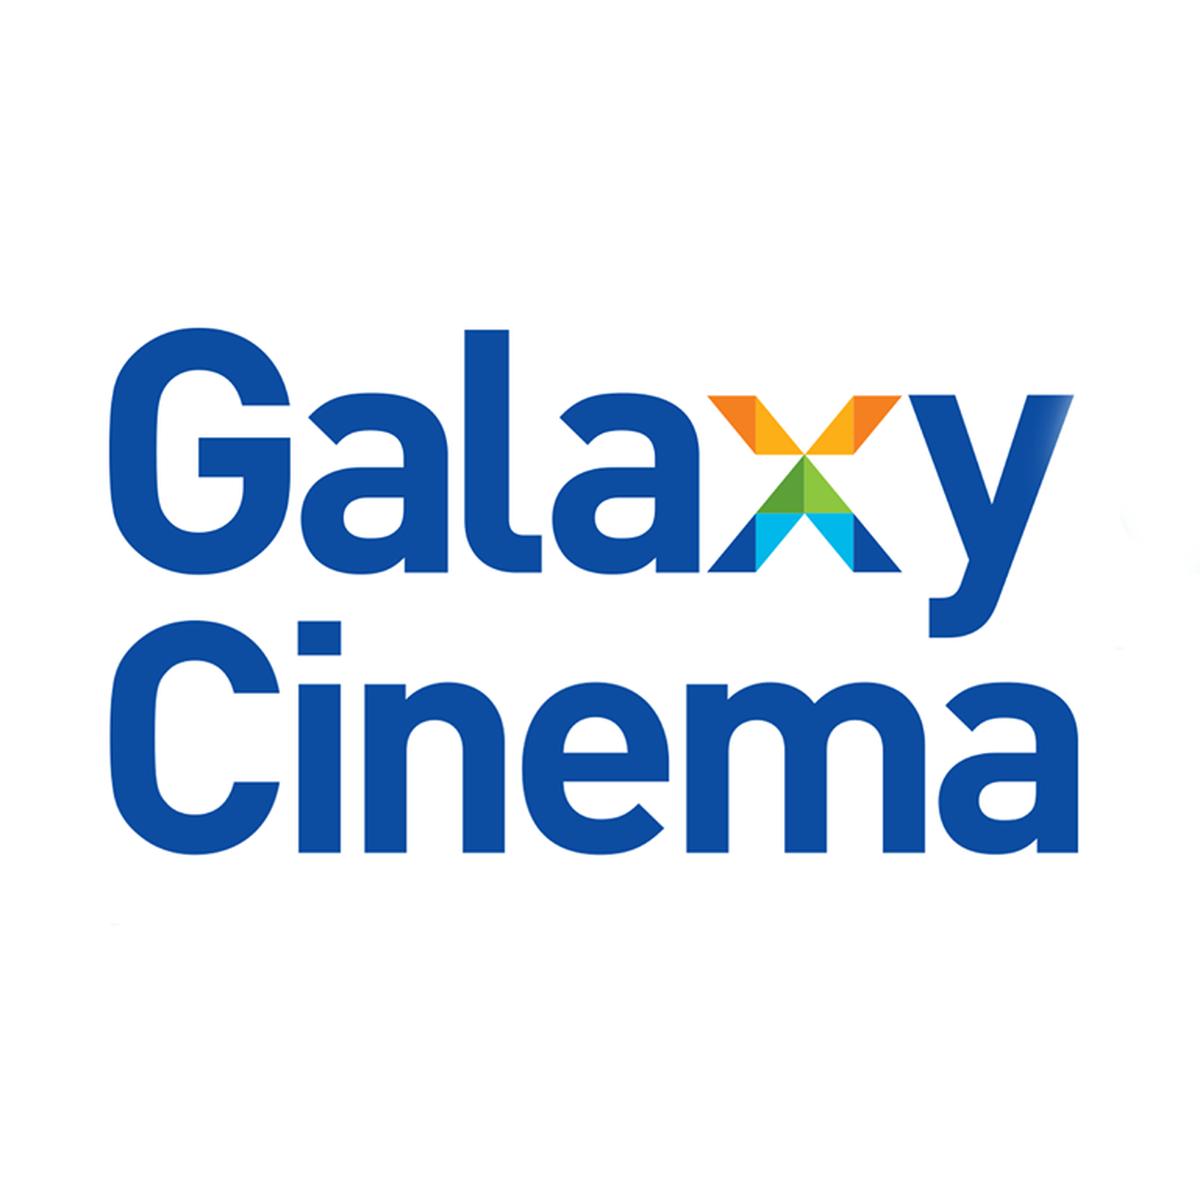 Logo category film